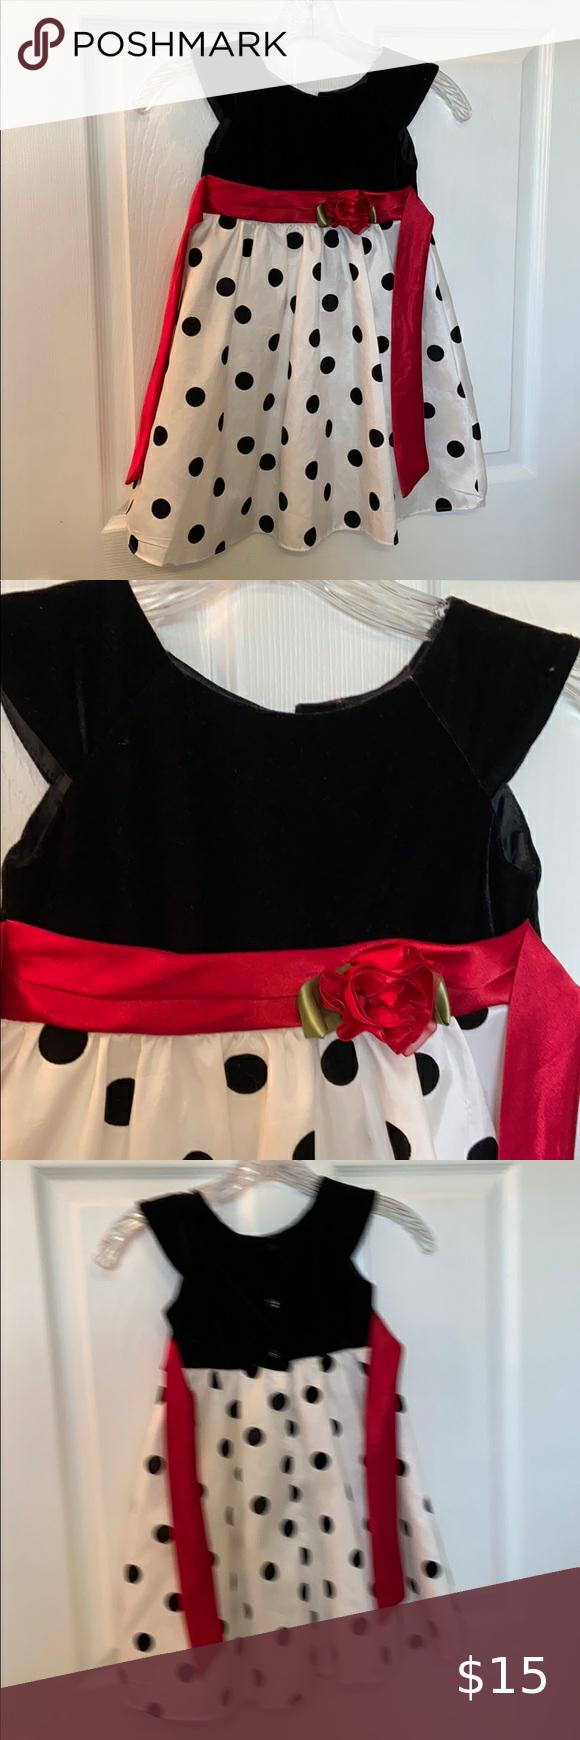 Little Girls Size 4t Black White Dress Little Girls Size 4t Dress With Black Velvet Sleeveless Top Red Tie Waistlin Black White Dress Size Girls White Dress [ 1740 x 580 Pixel ]